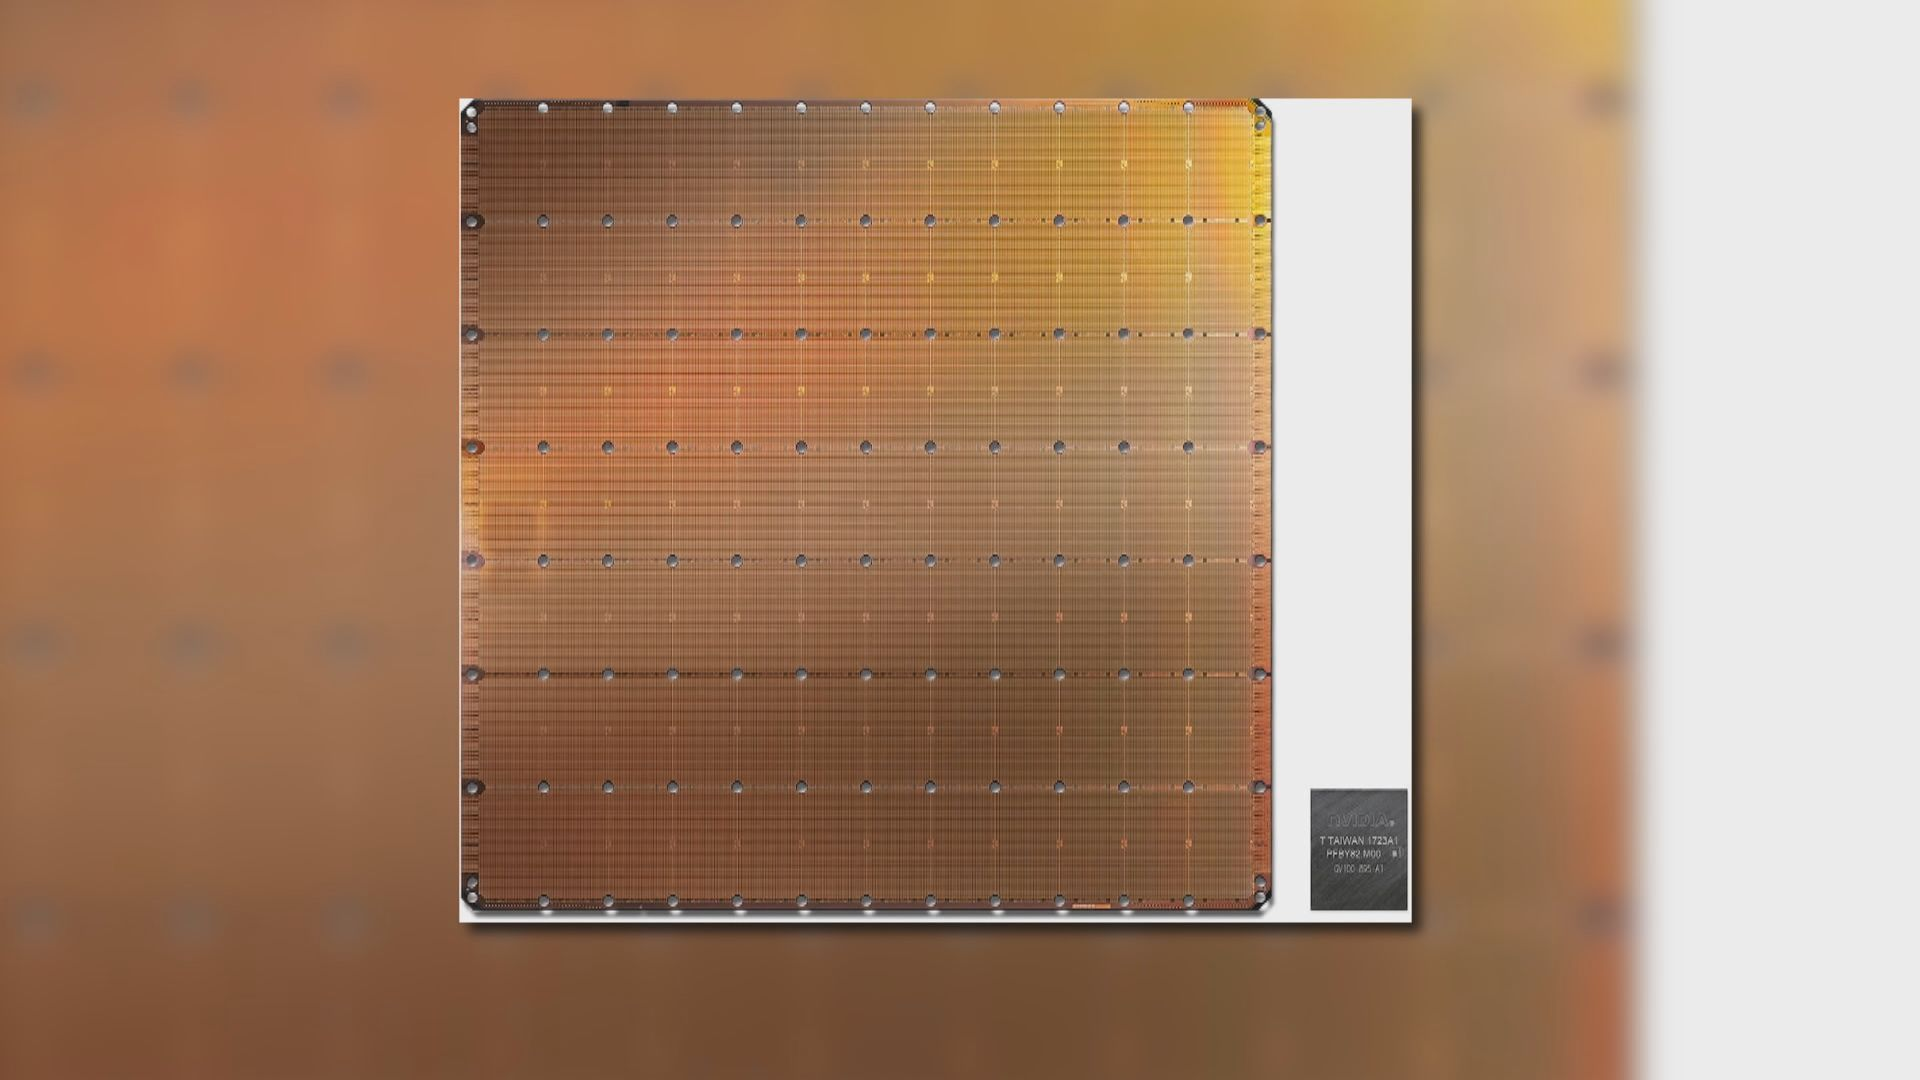 【環球薈報】加州初創公司研發出全球最大電腦芯片